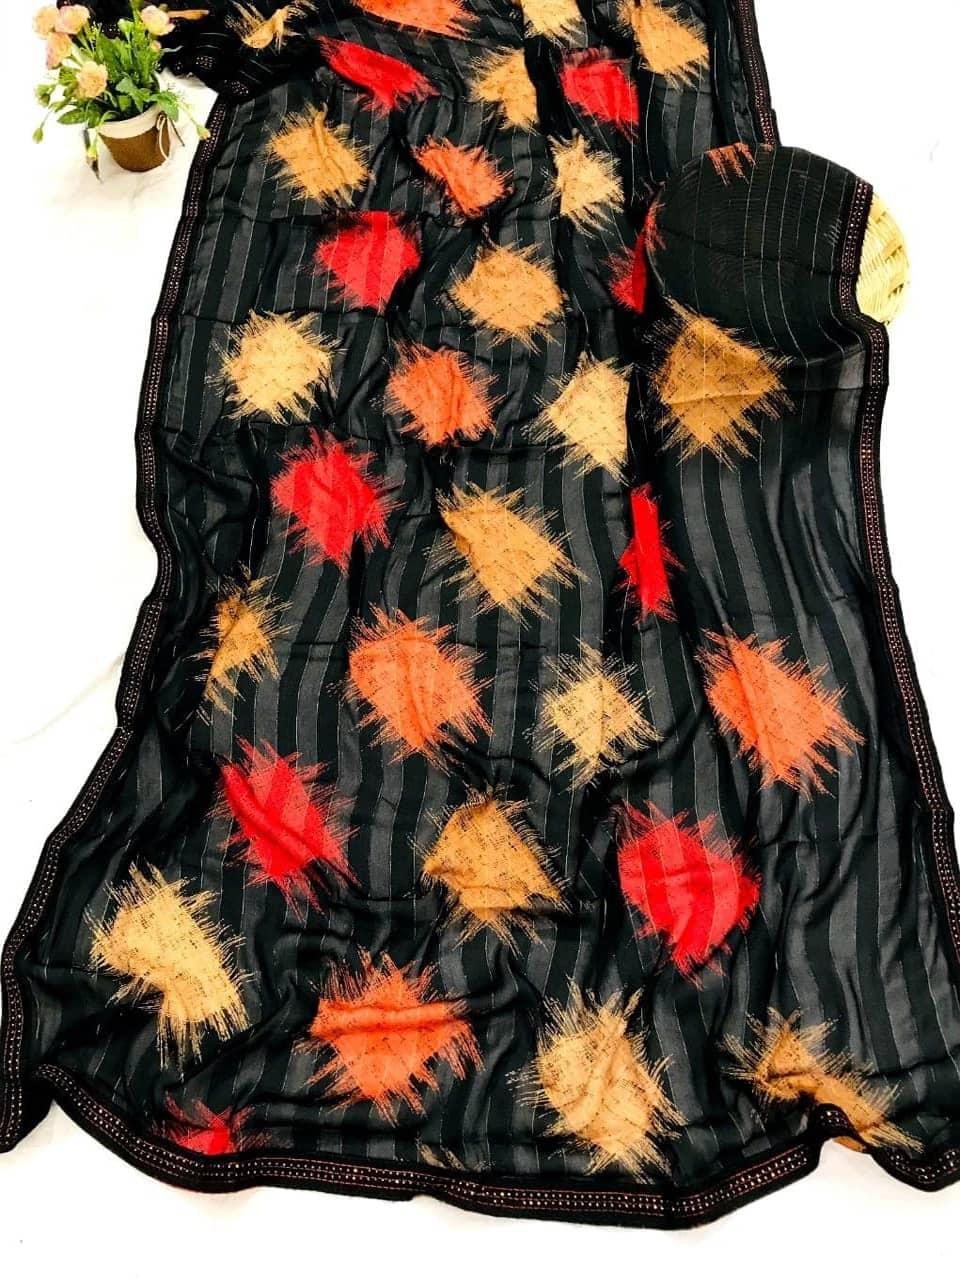 Black Chiffon Rembo jari box Digital Print Saree dvz0002615